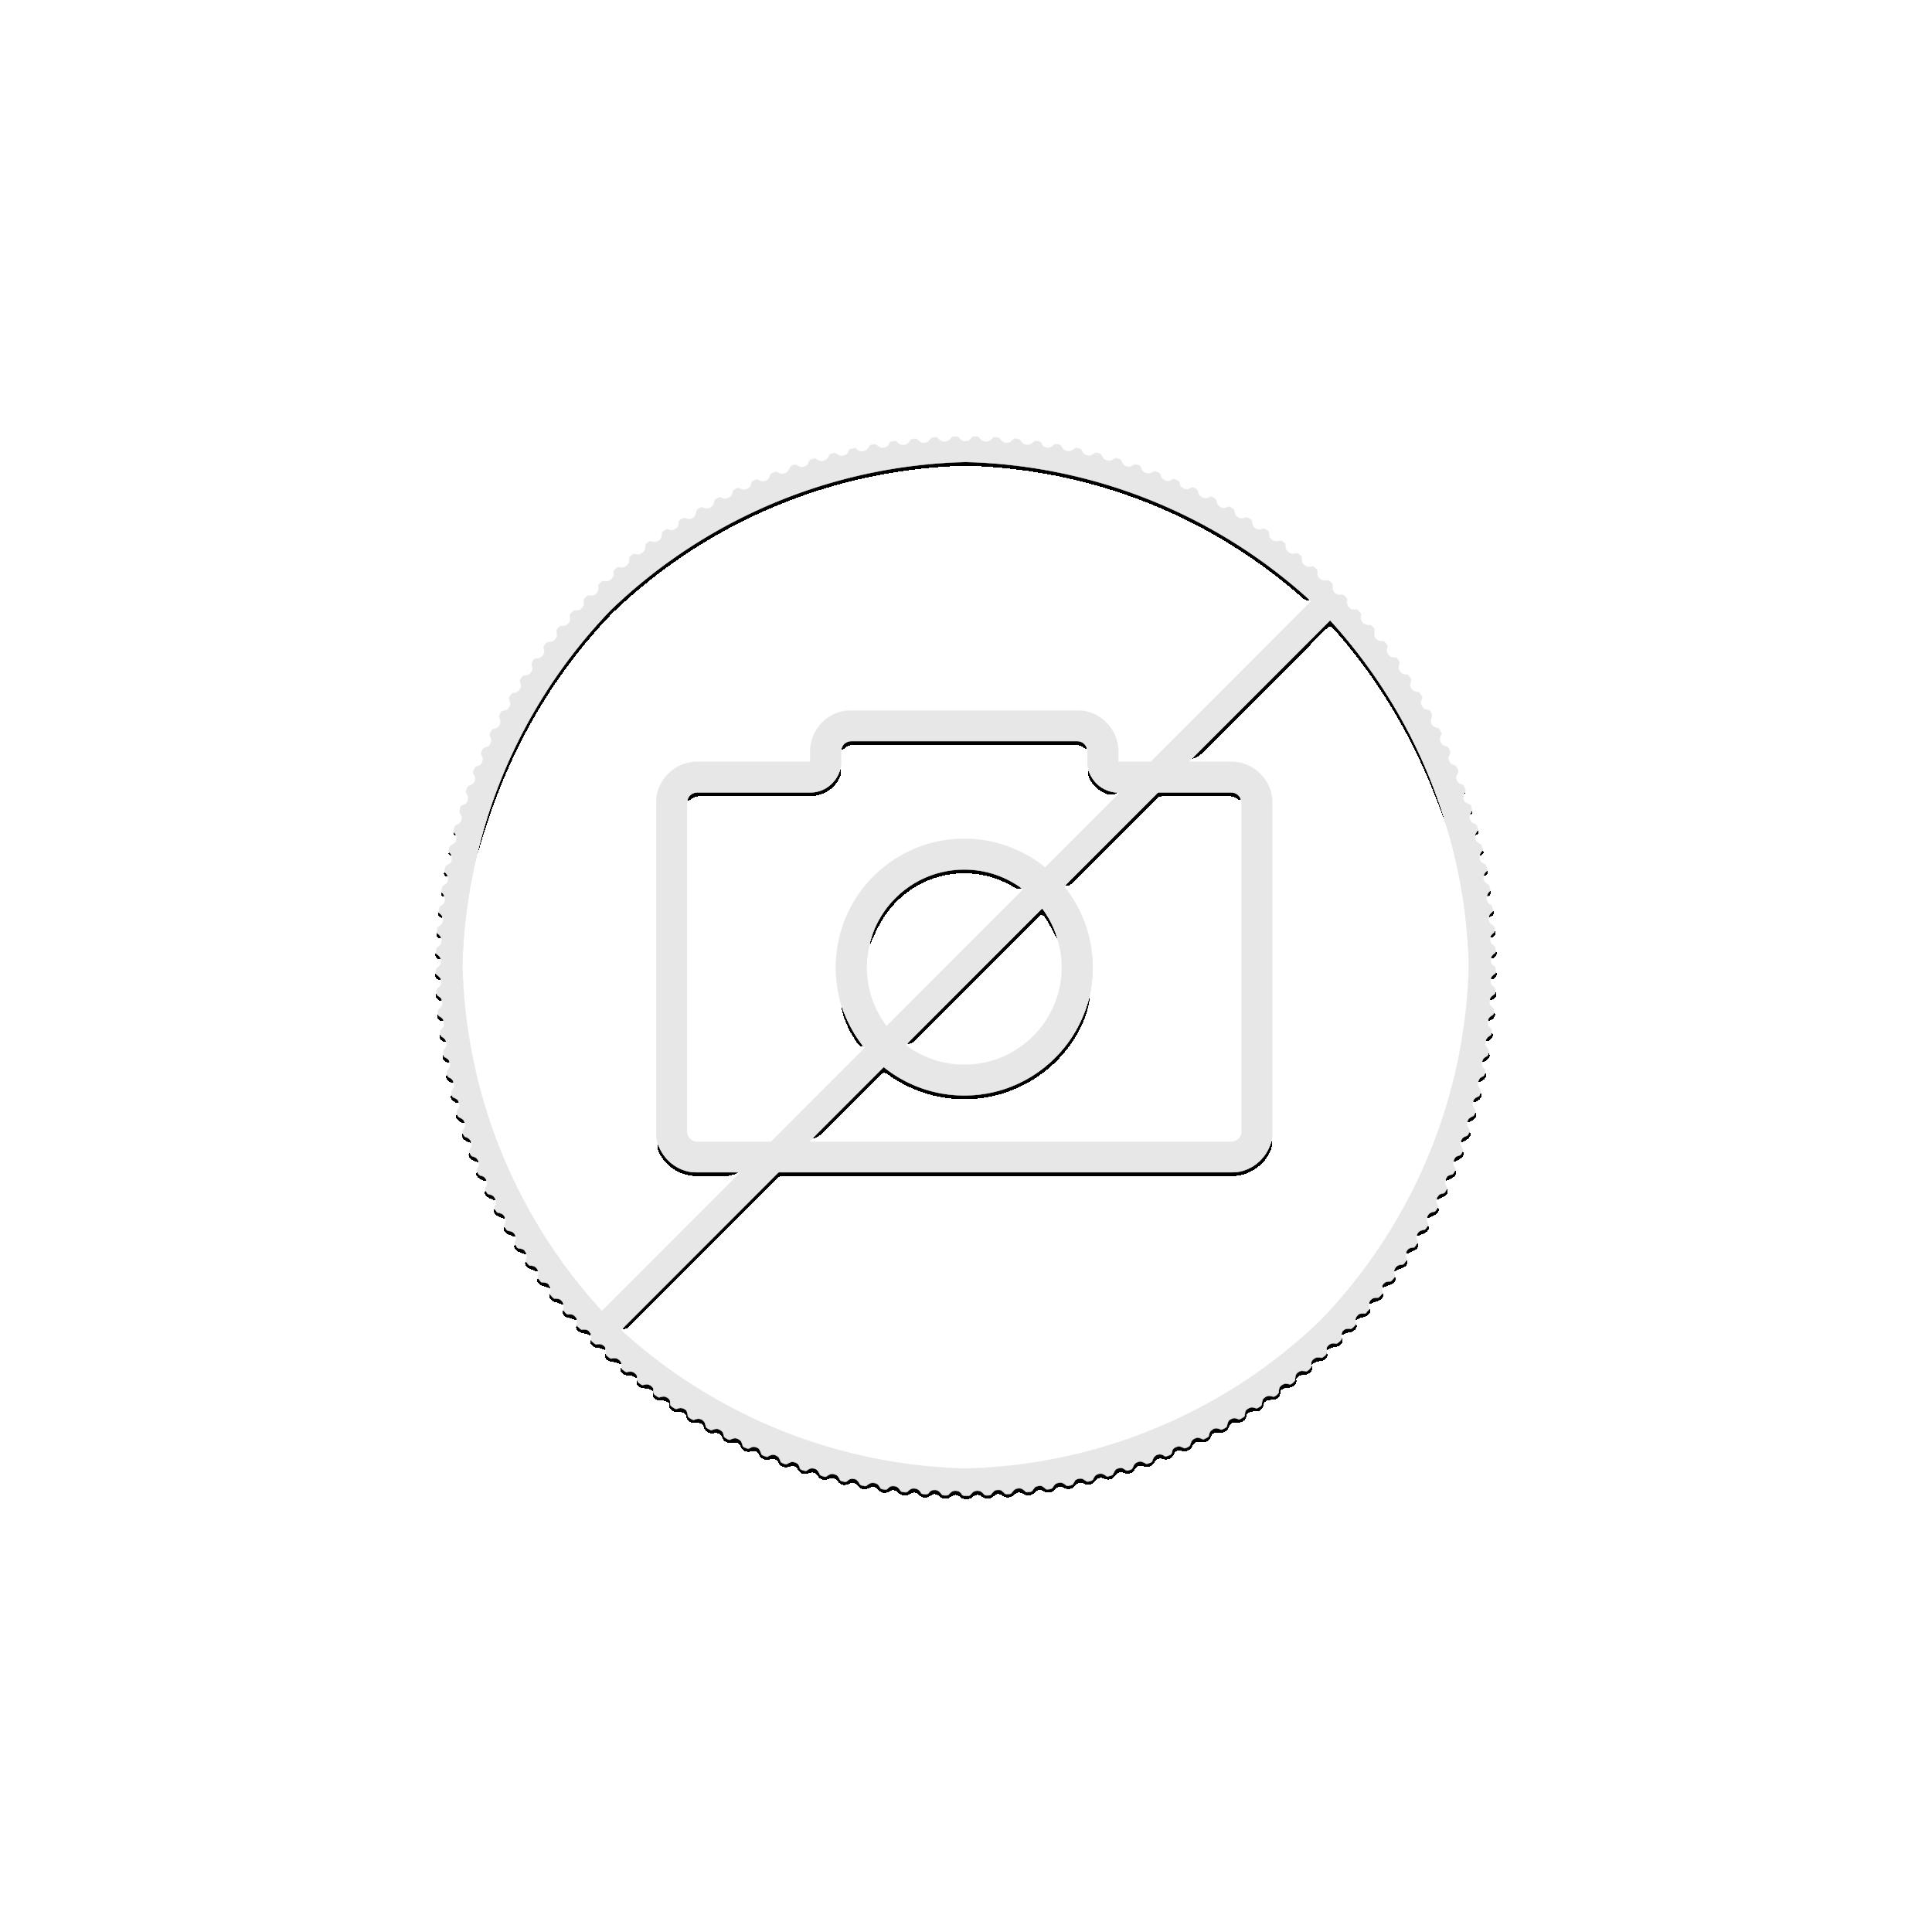 Gouden en zilveren 1 troy ounce Maple Leaf 2018